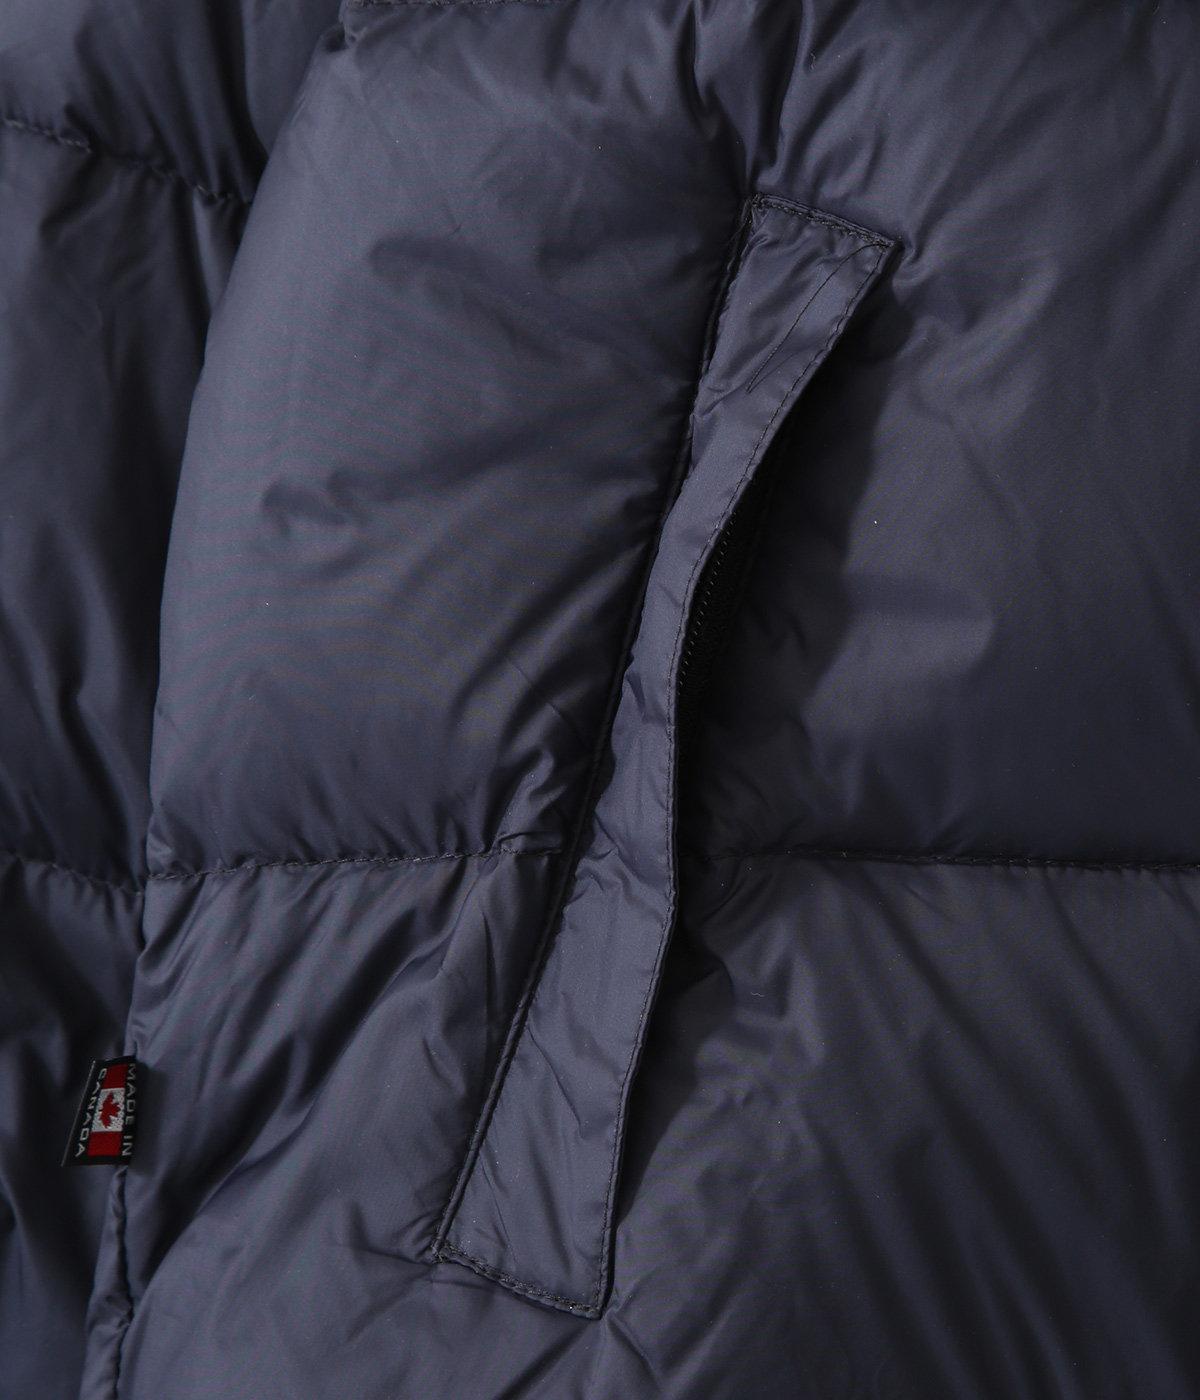 【予約】Traditional Down jacket N100%